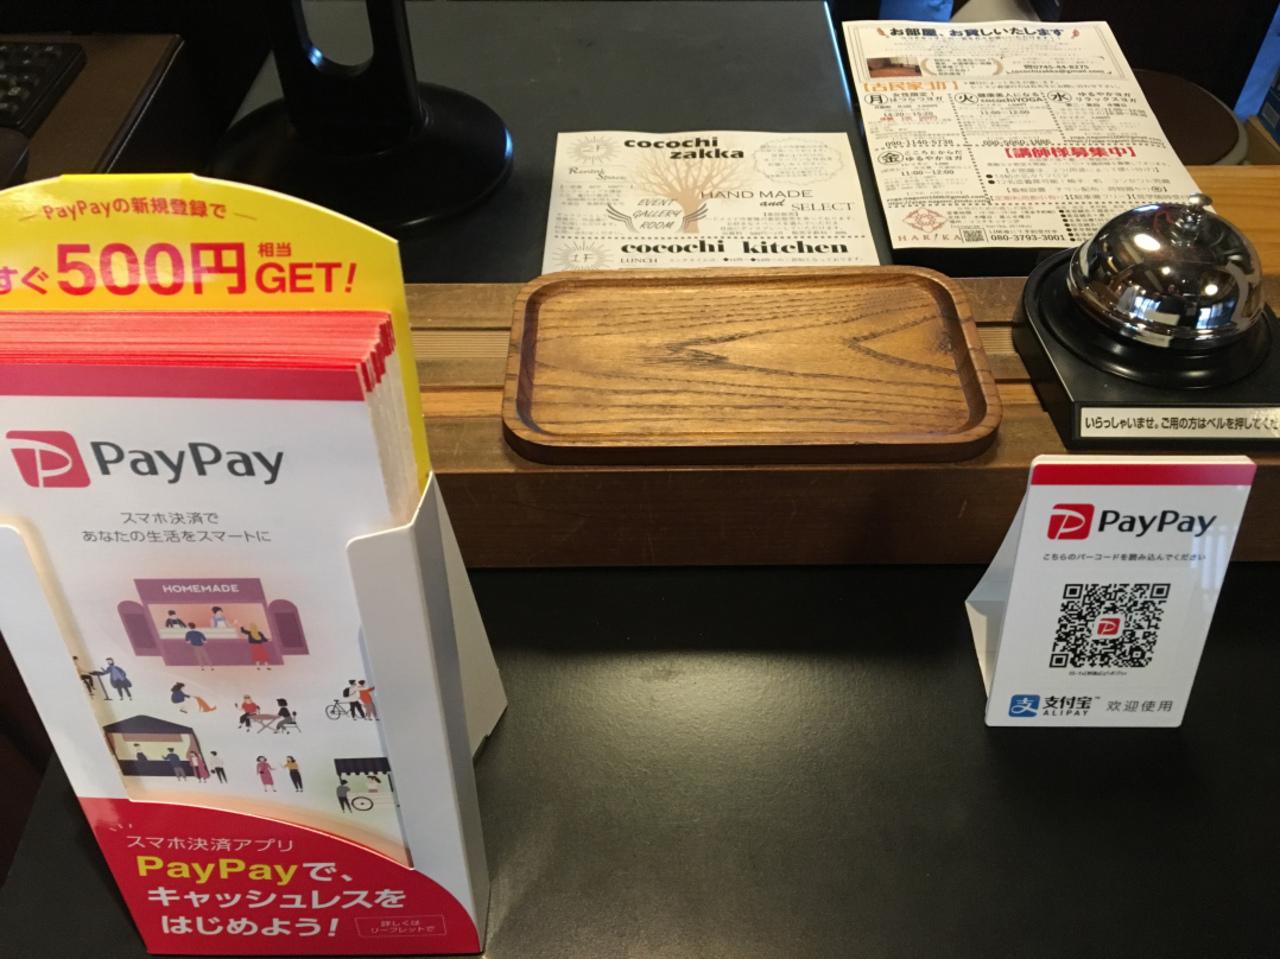 ココチキッチン奈良狐井 PayPay